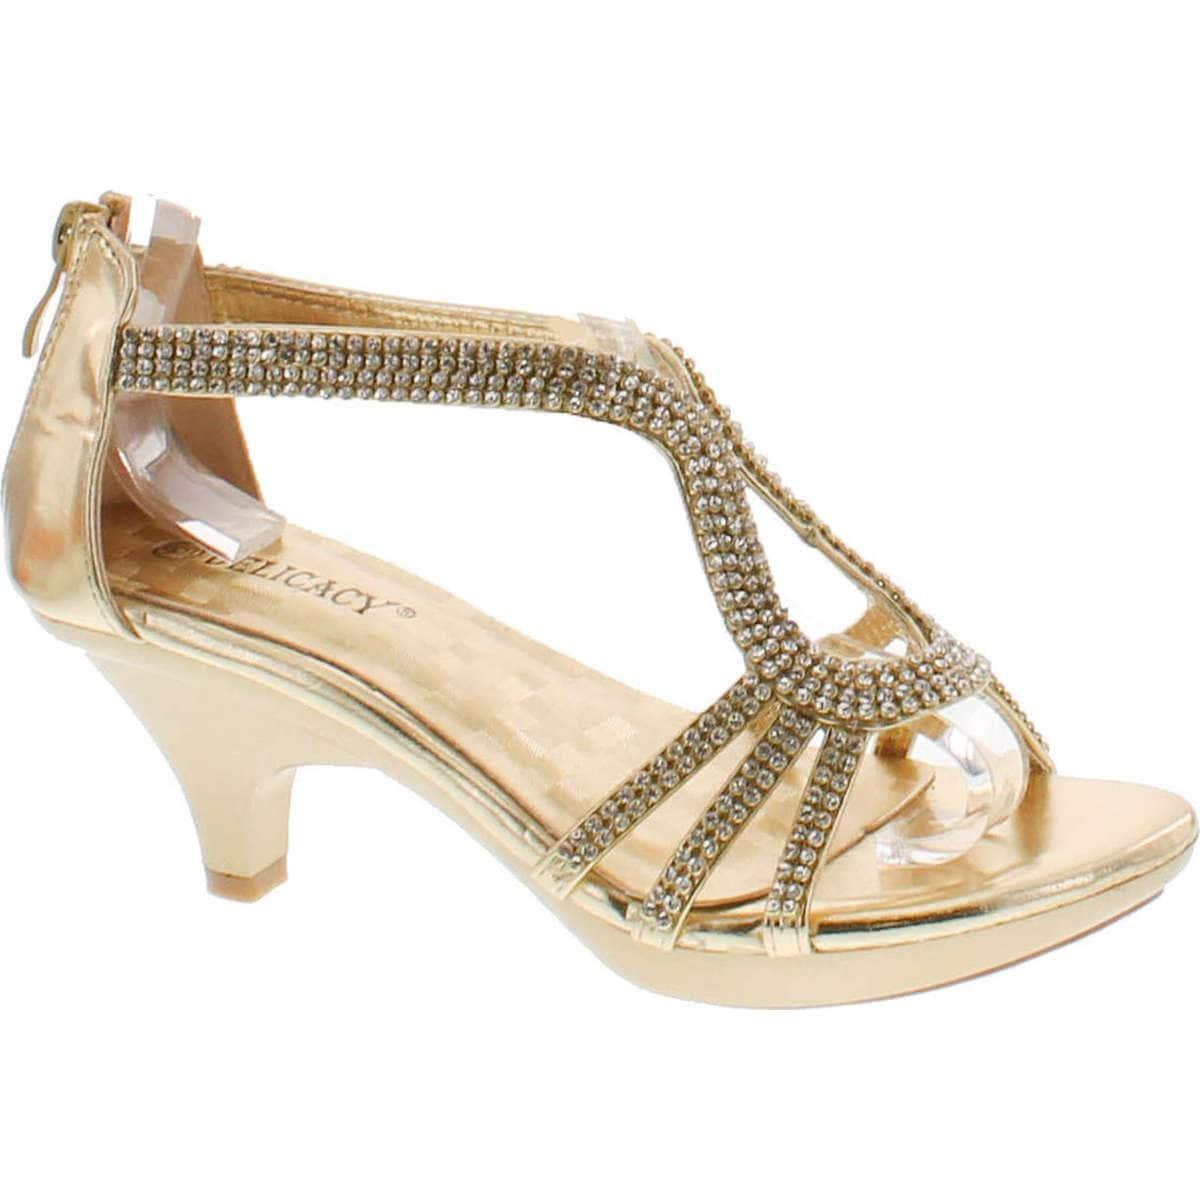 Gold Low Heel Pumps